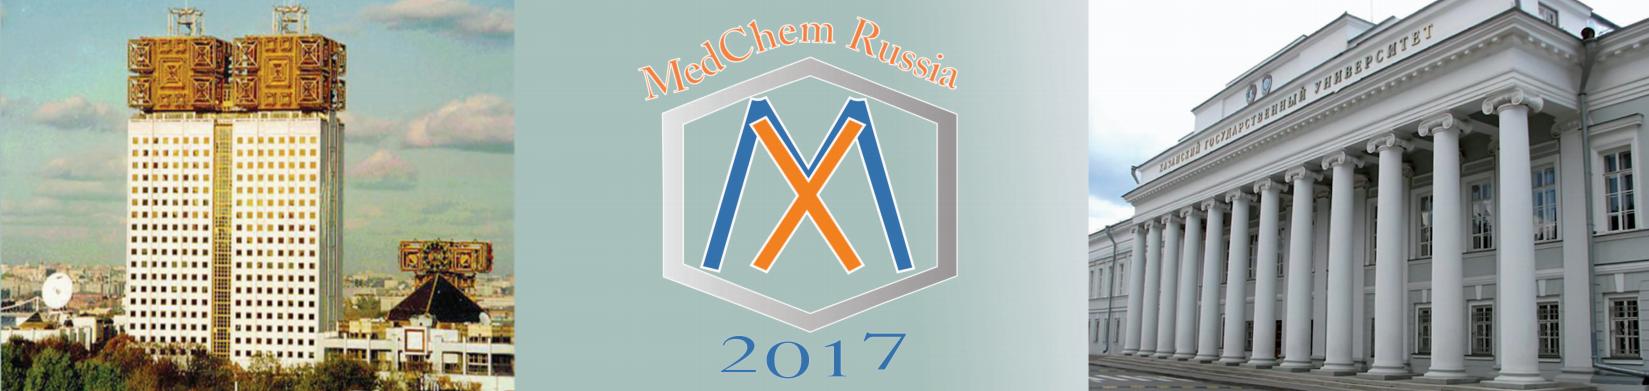 Портал КФУ \ Сведения об образовательной организации \ Структура КФУ \ Научно-образовательный центр фармацевтики \ Конференции \ 3-я Российская конференция по медицинской химии